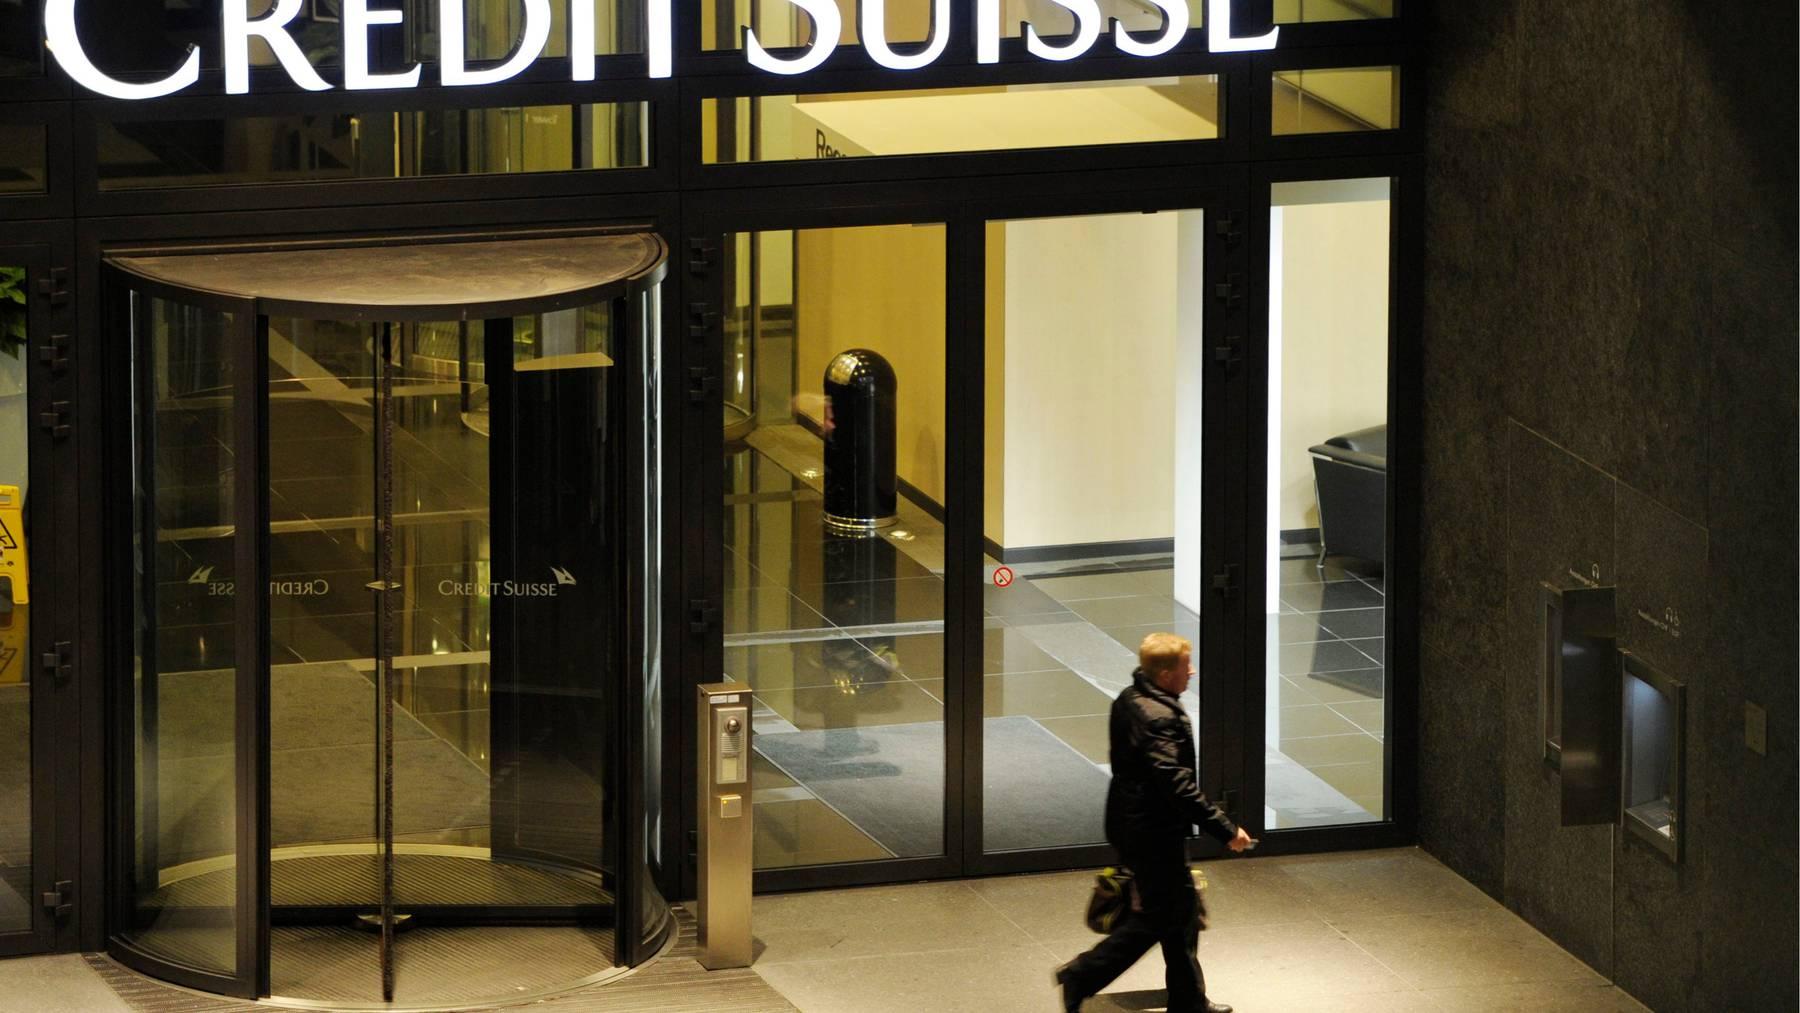 Die Geschäftsleitung der Credit Suisse verzeichnet einen Neuzugang. (Symbolbild)